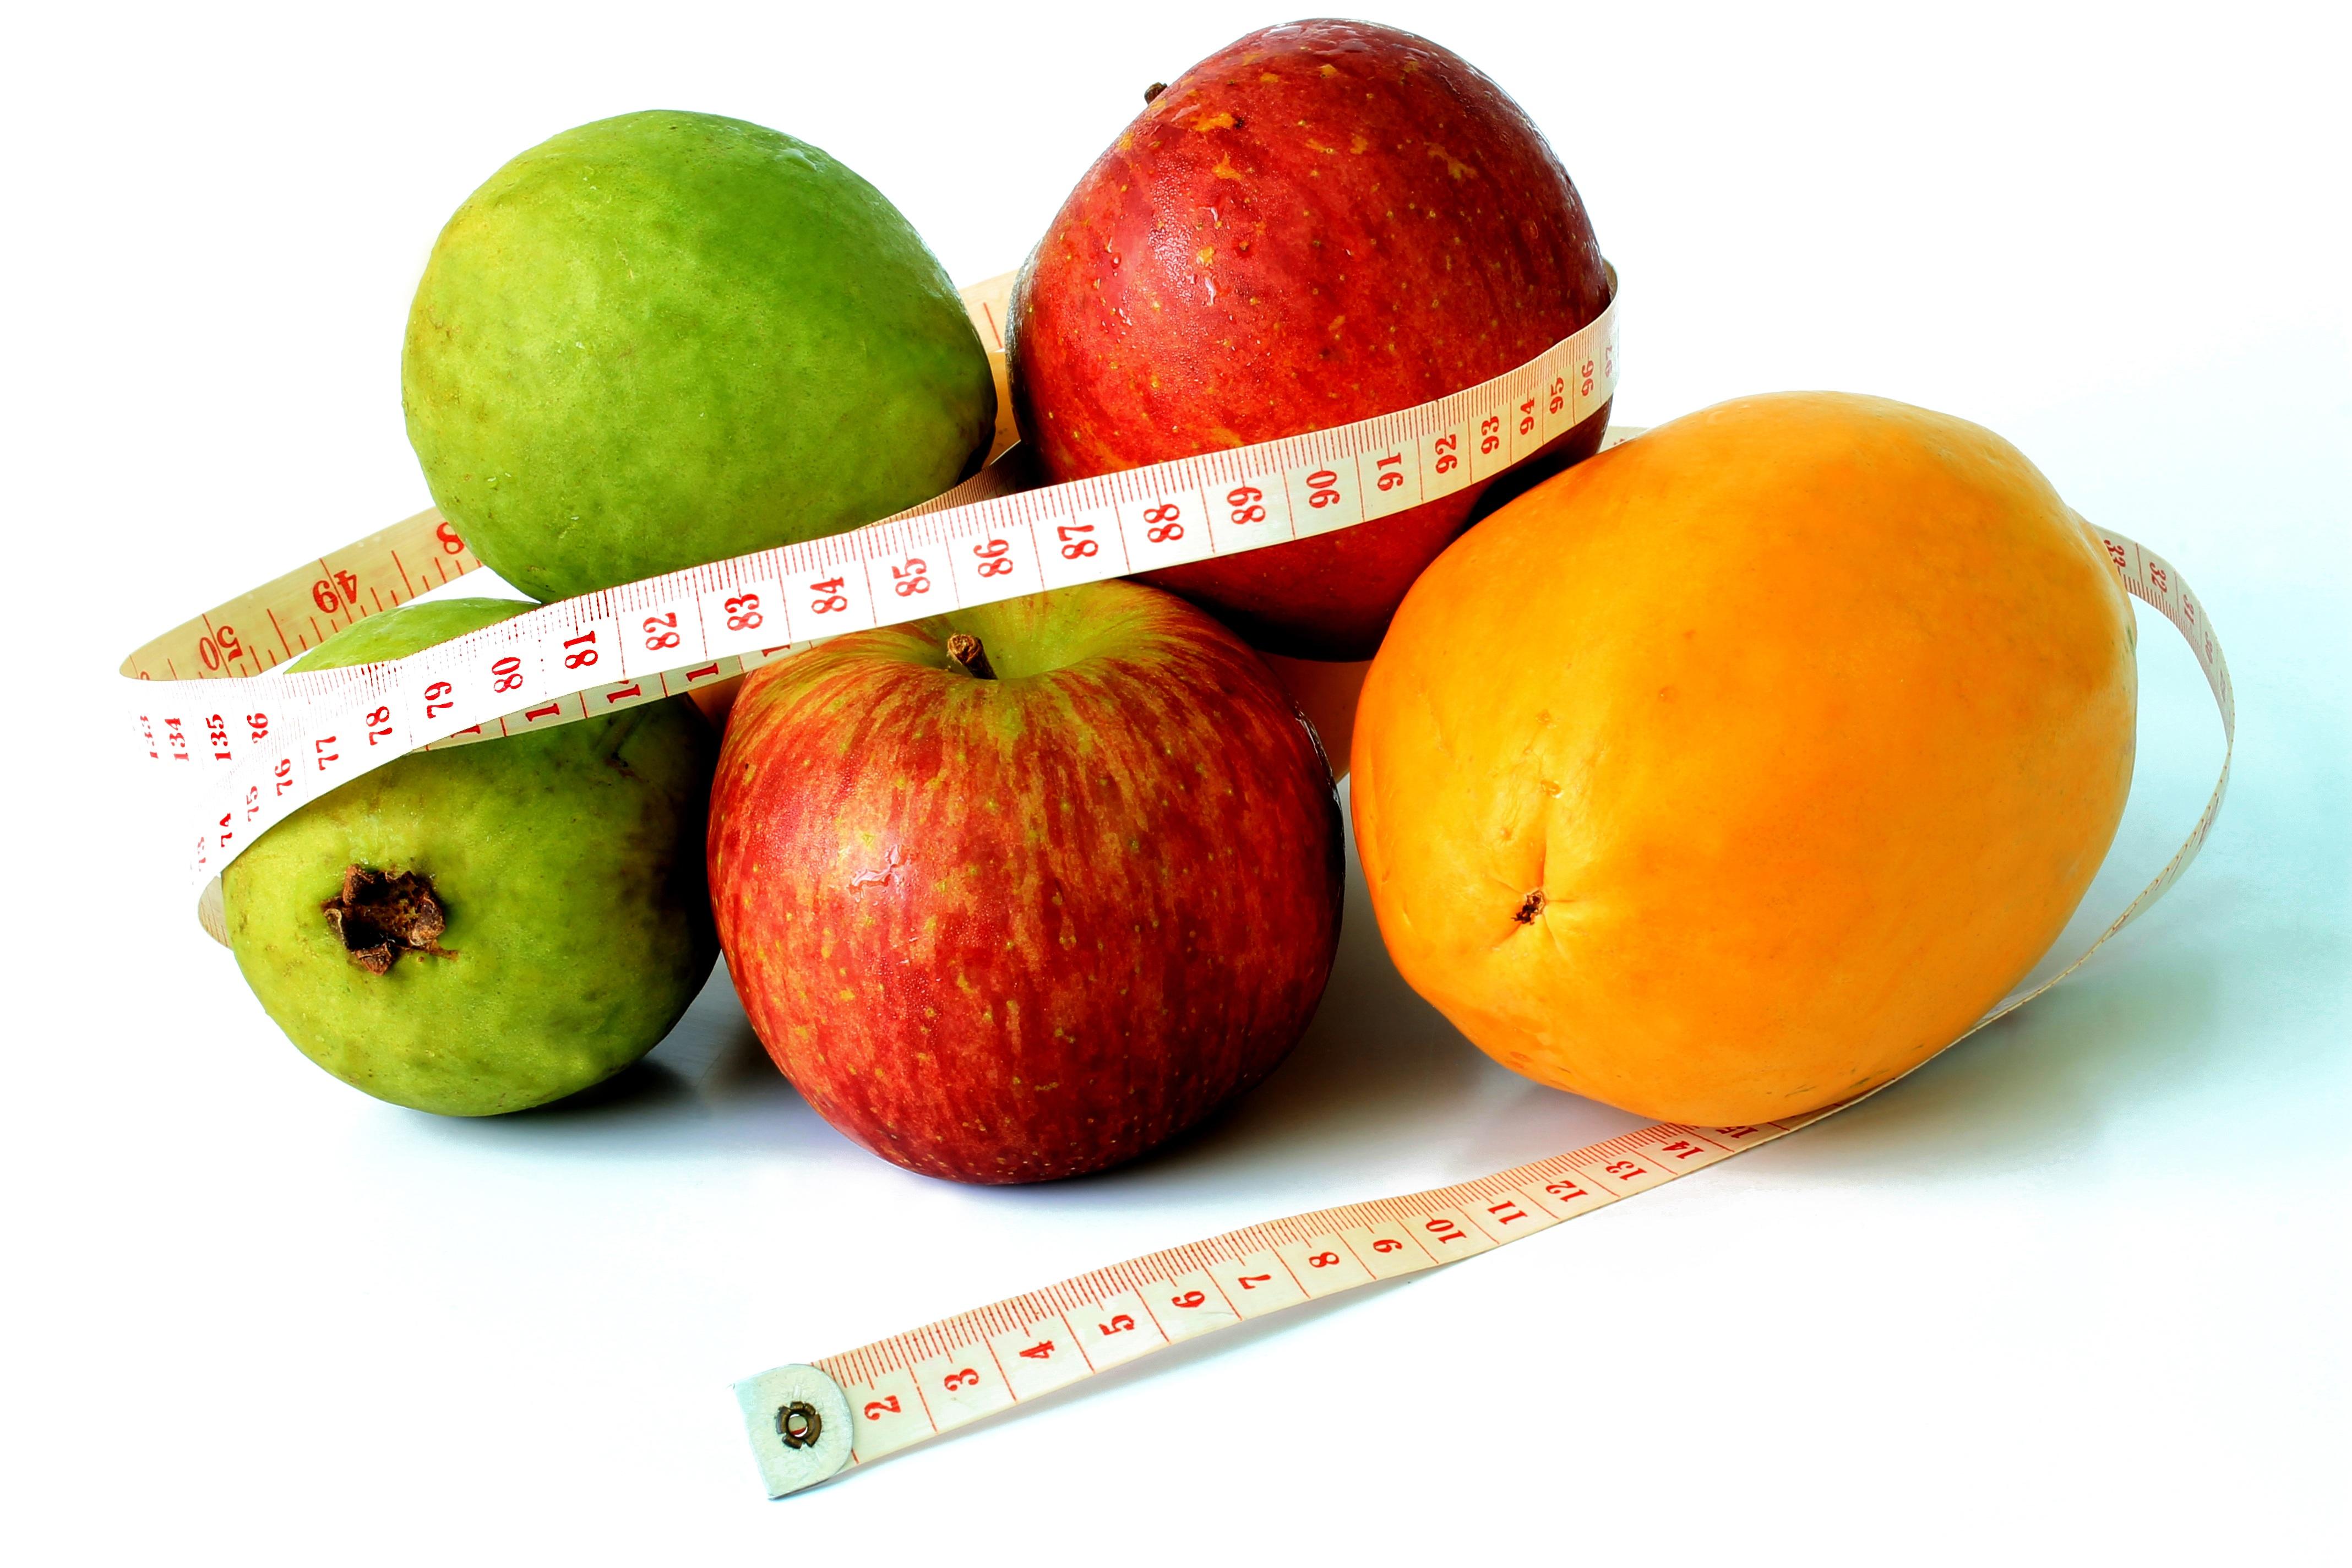 images gratuites fruit produire naturel mesure sant r gime la nourriture saine source. Black Bedroom Furniture Sets. Home Design Ideas